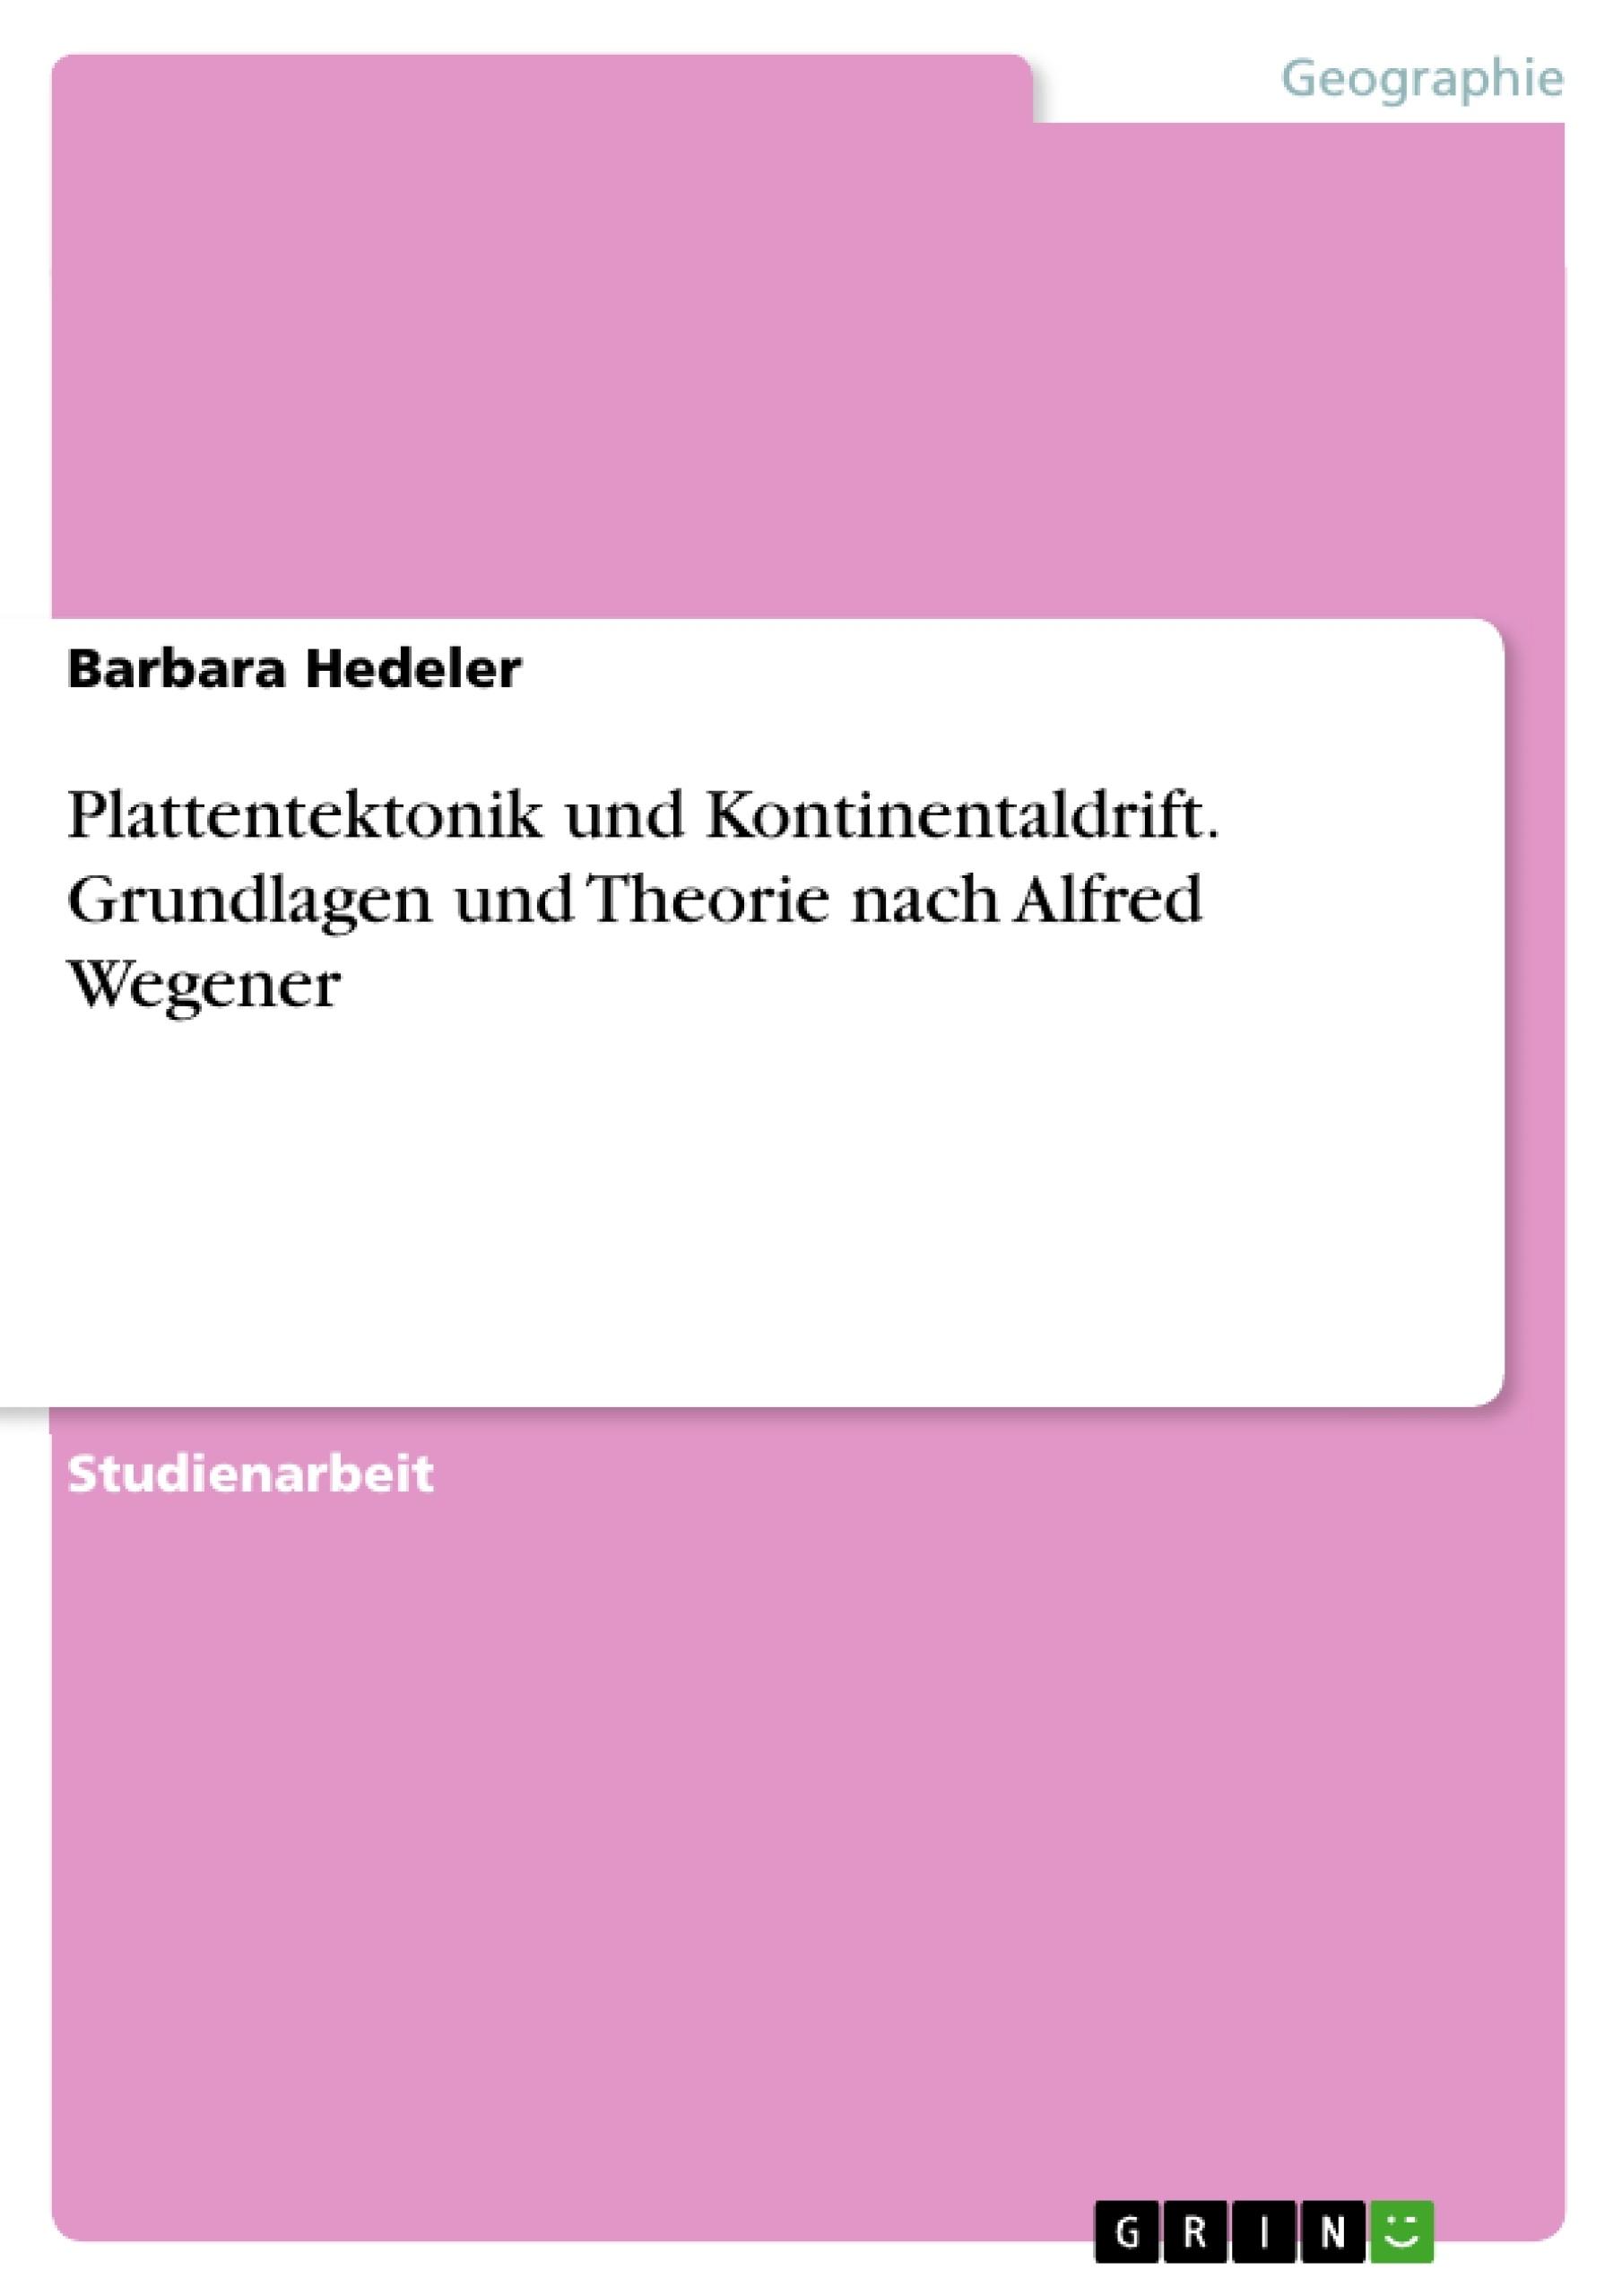 Titel: Plattentektonik und Kontinentaldrift. Grundlagen und Theorie nach Alfred Wegener